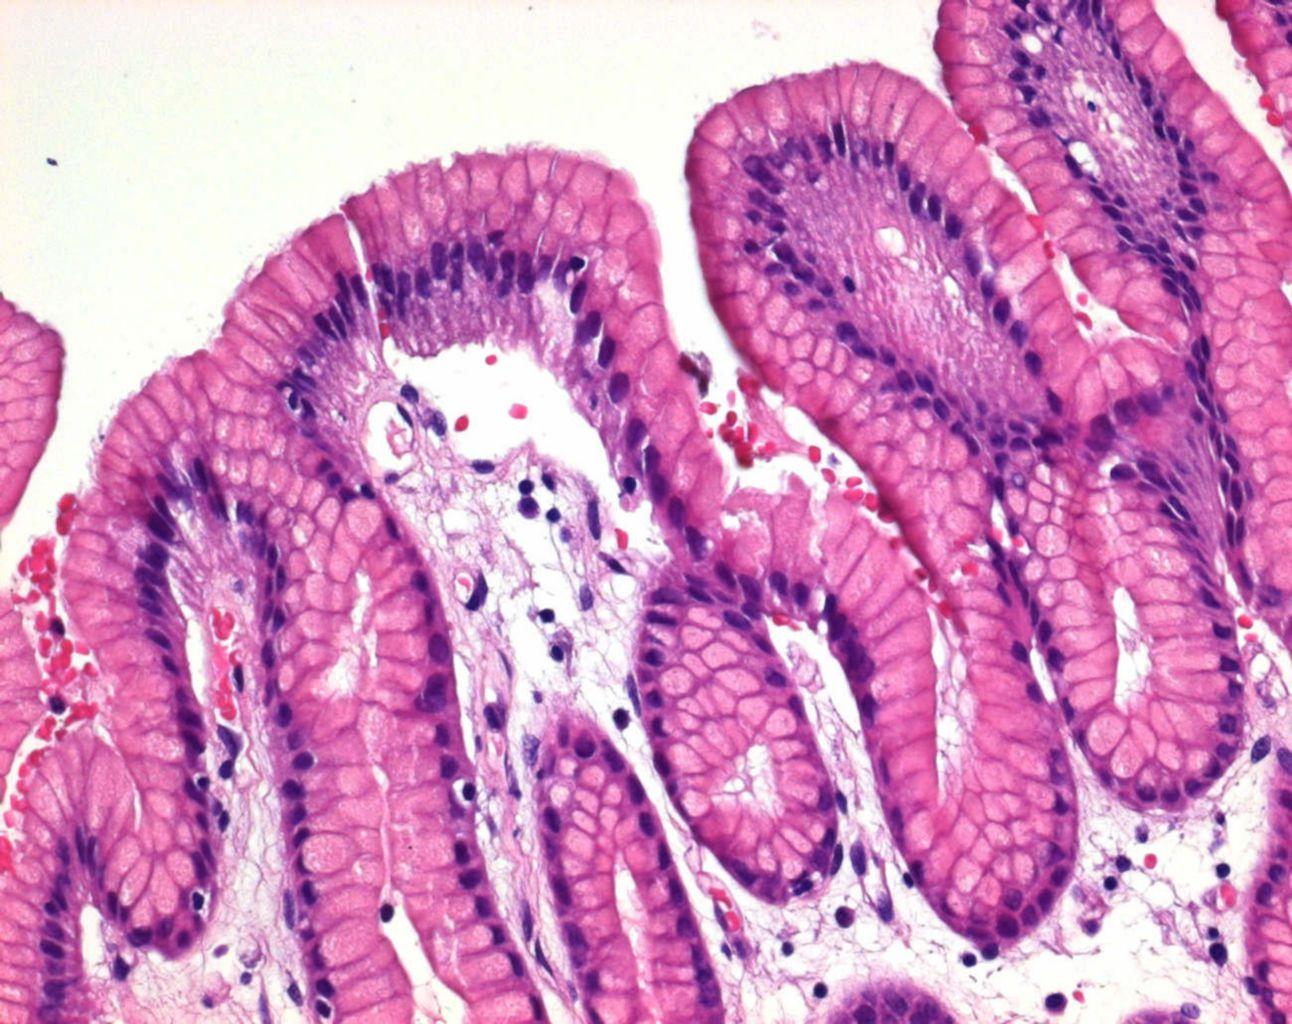 Farbstoffe für die mikroskopie vwr